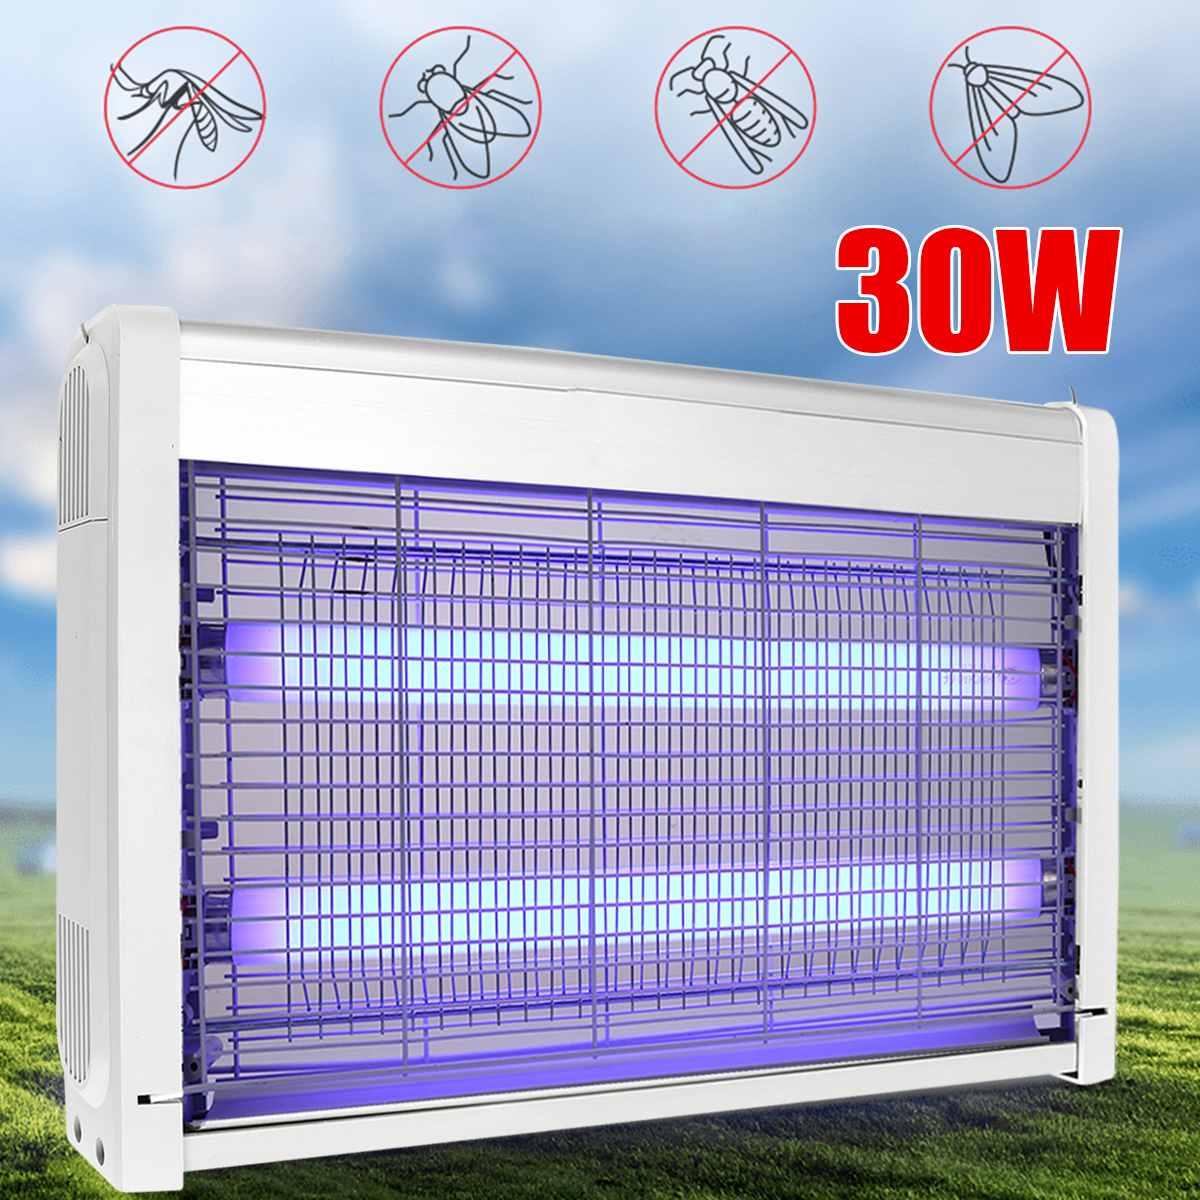 30 W 220 V LED lampe anti-moustique électronique extérieure choc moustique insecte insecte mouche Zapper tueur lampe piège à lumière intérieur AU Plug